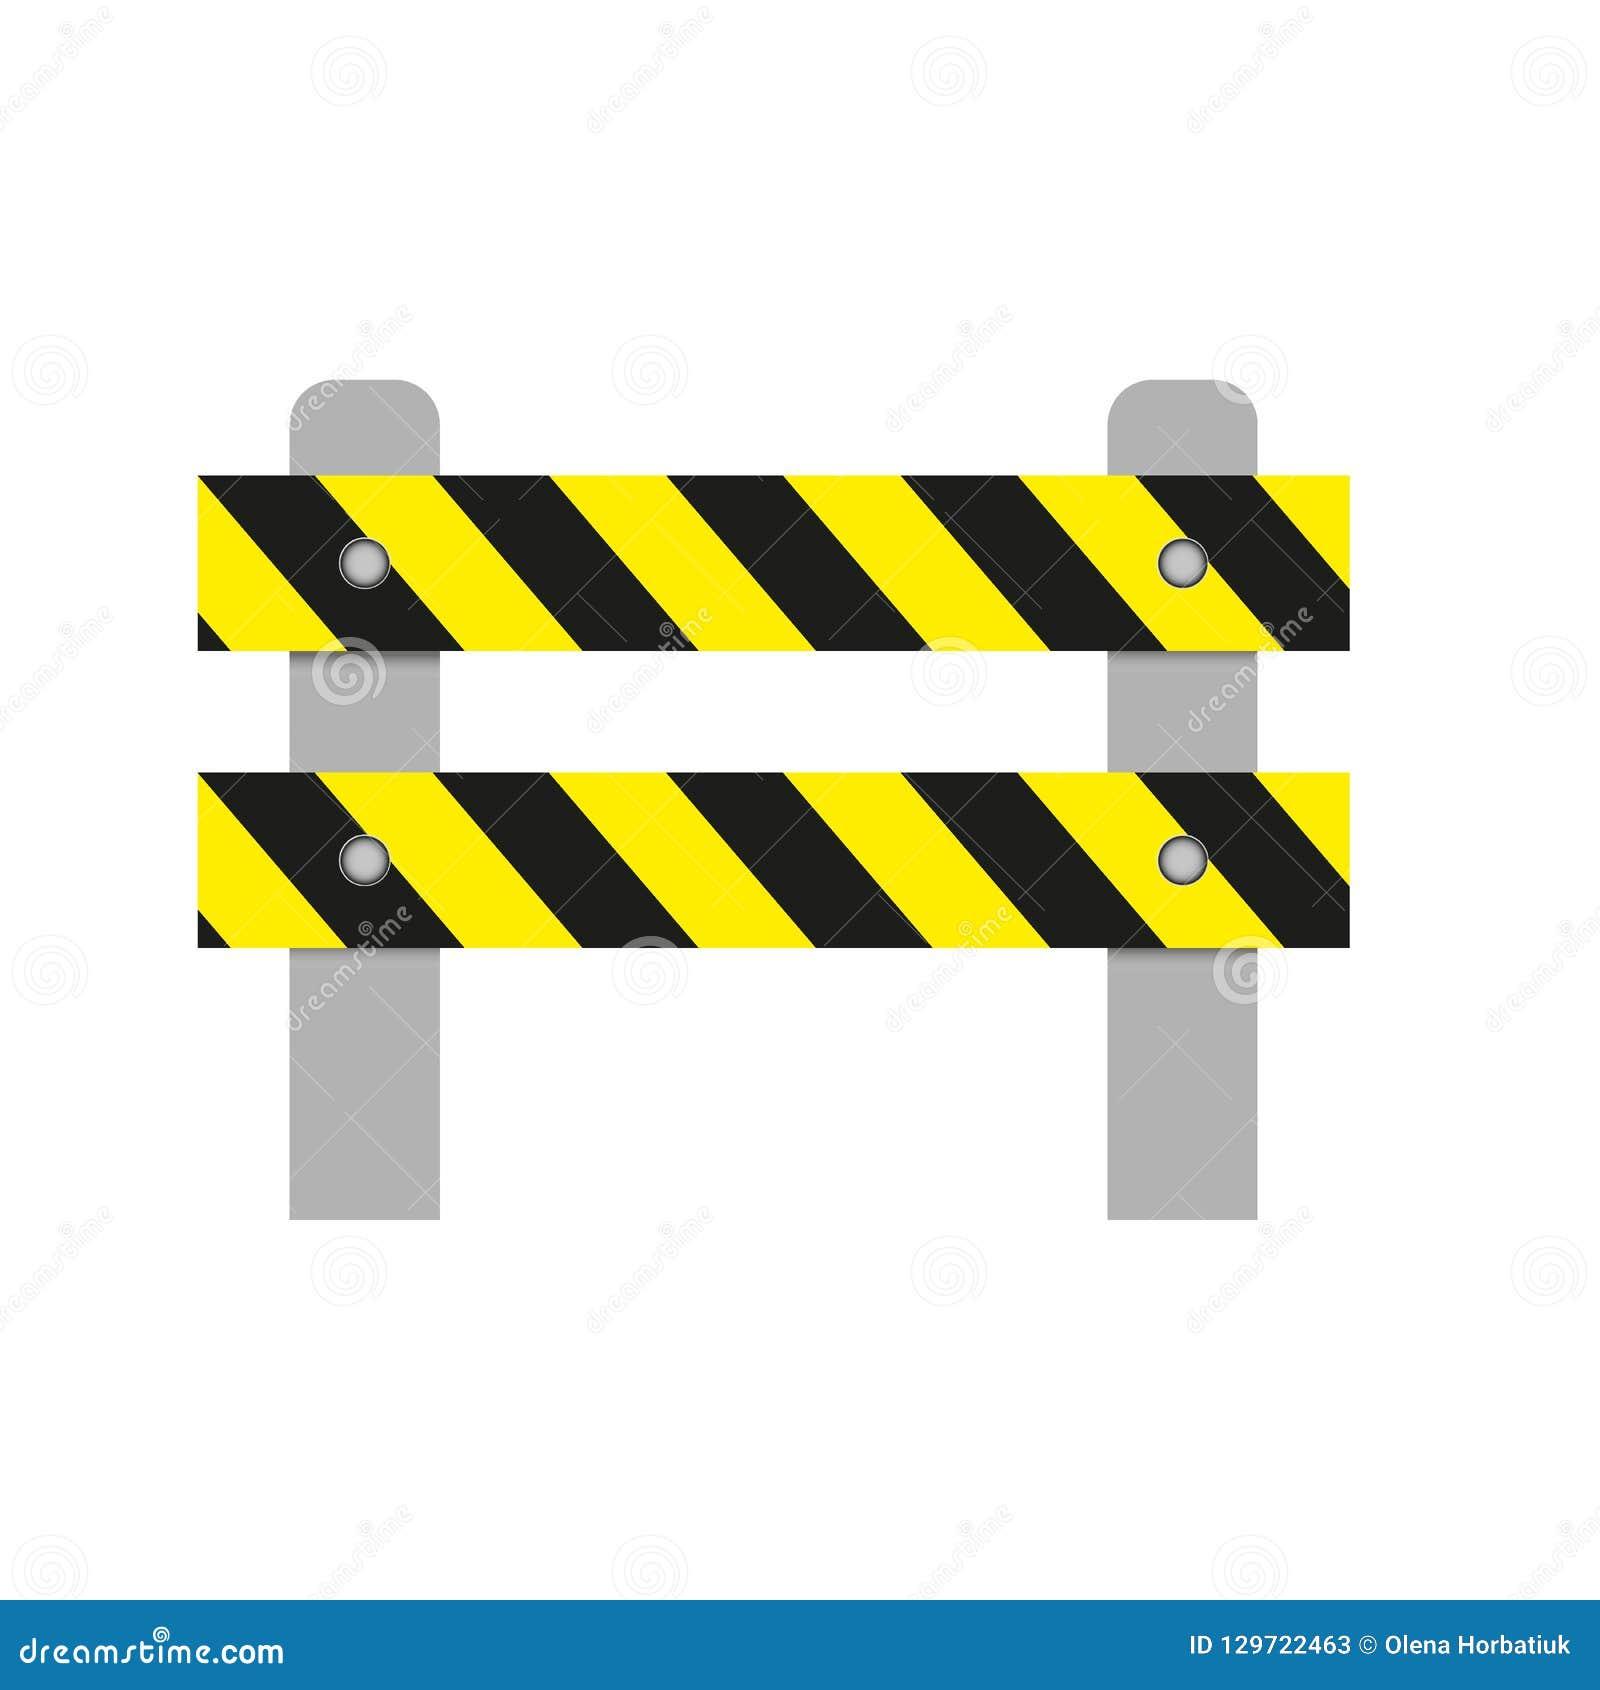 Realistisch beeld van een wegbarrière met gele strepen op een witte achtergrond Geïsoleerd voorwerp, verkeersveiligheidsteken Vec